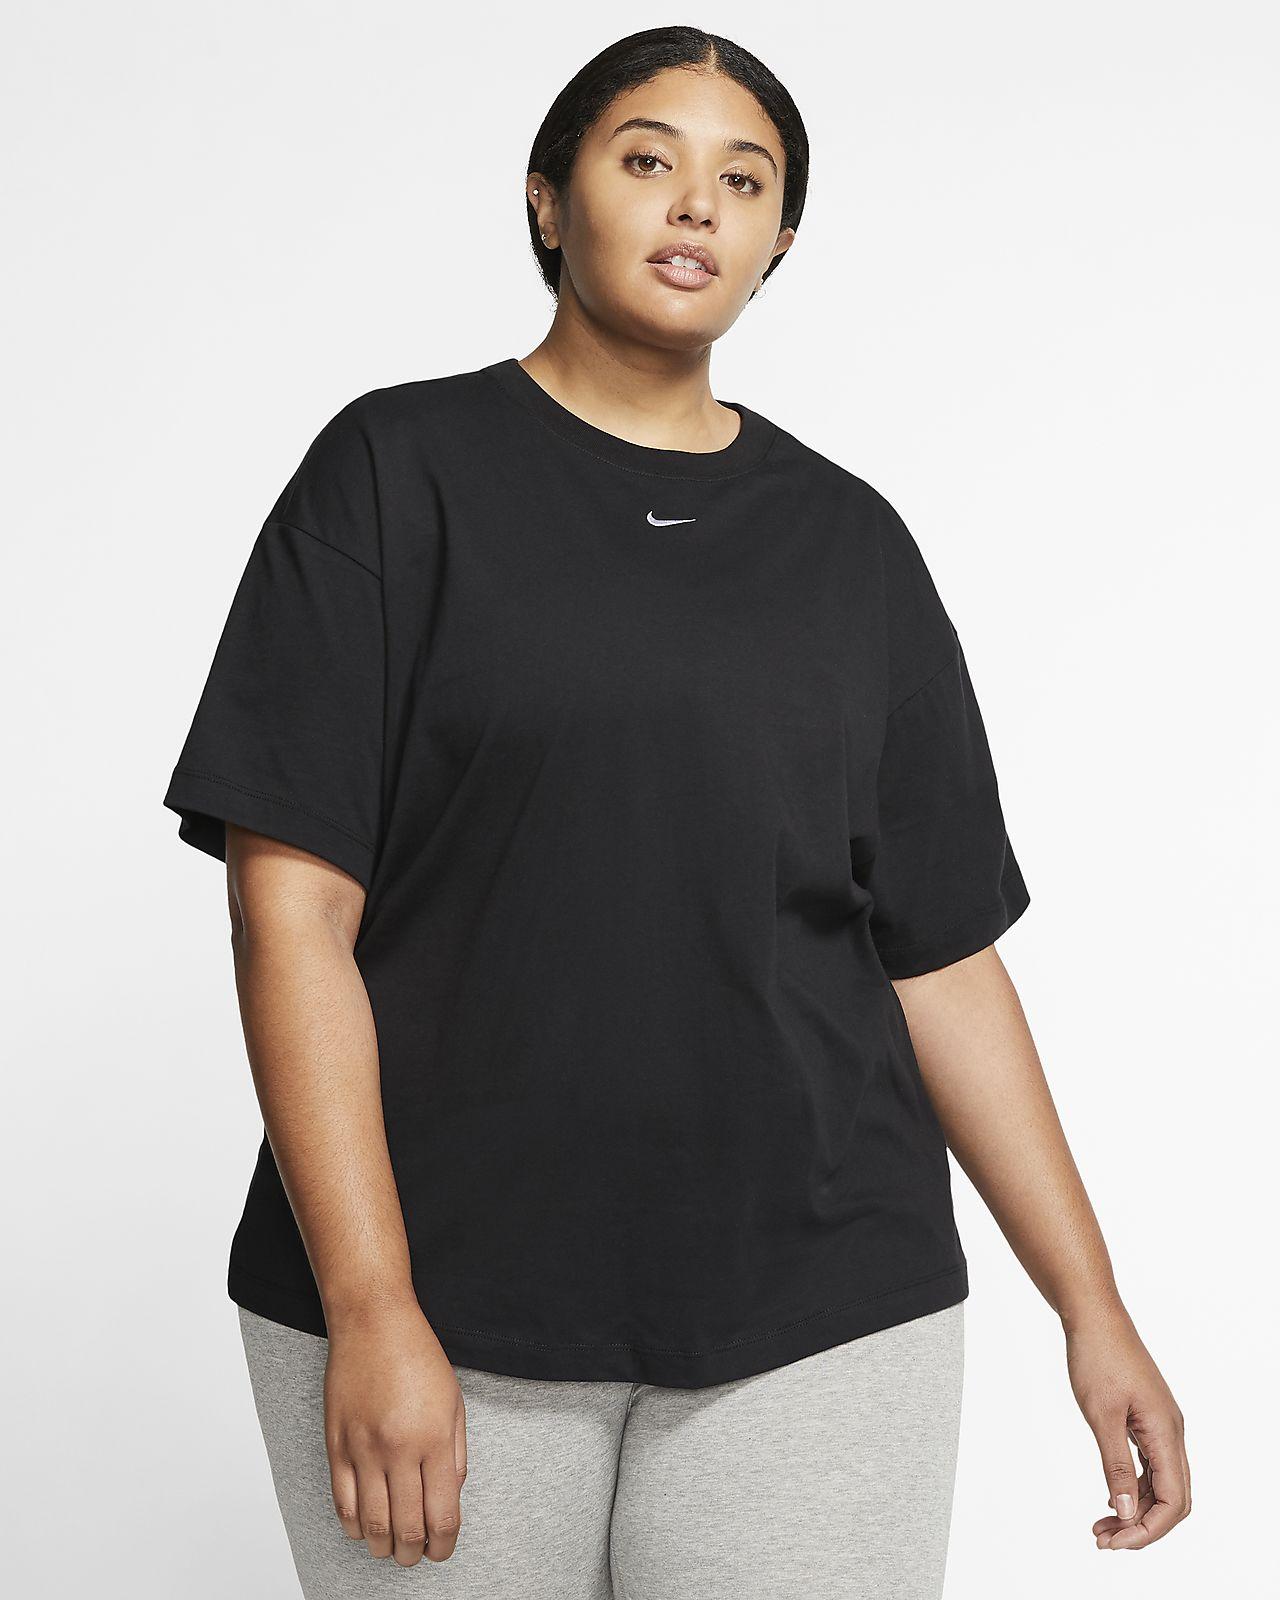 Nike Sportswear Essential Kurzarmoberteil für Damen (große Größe)